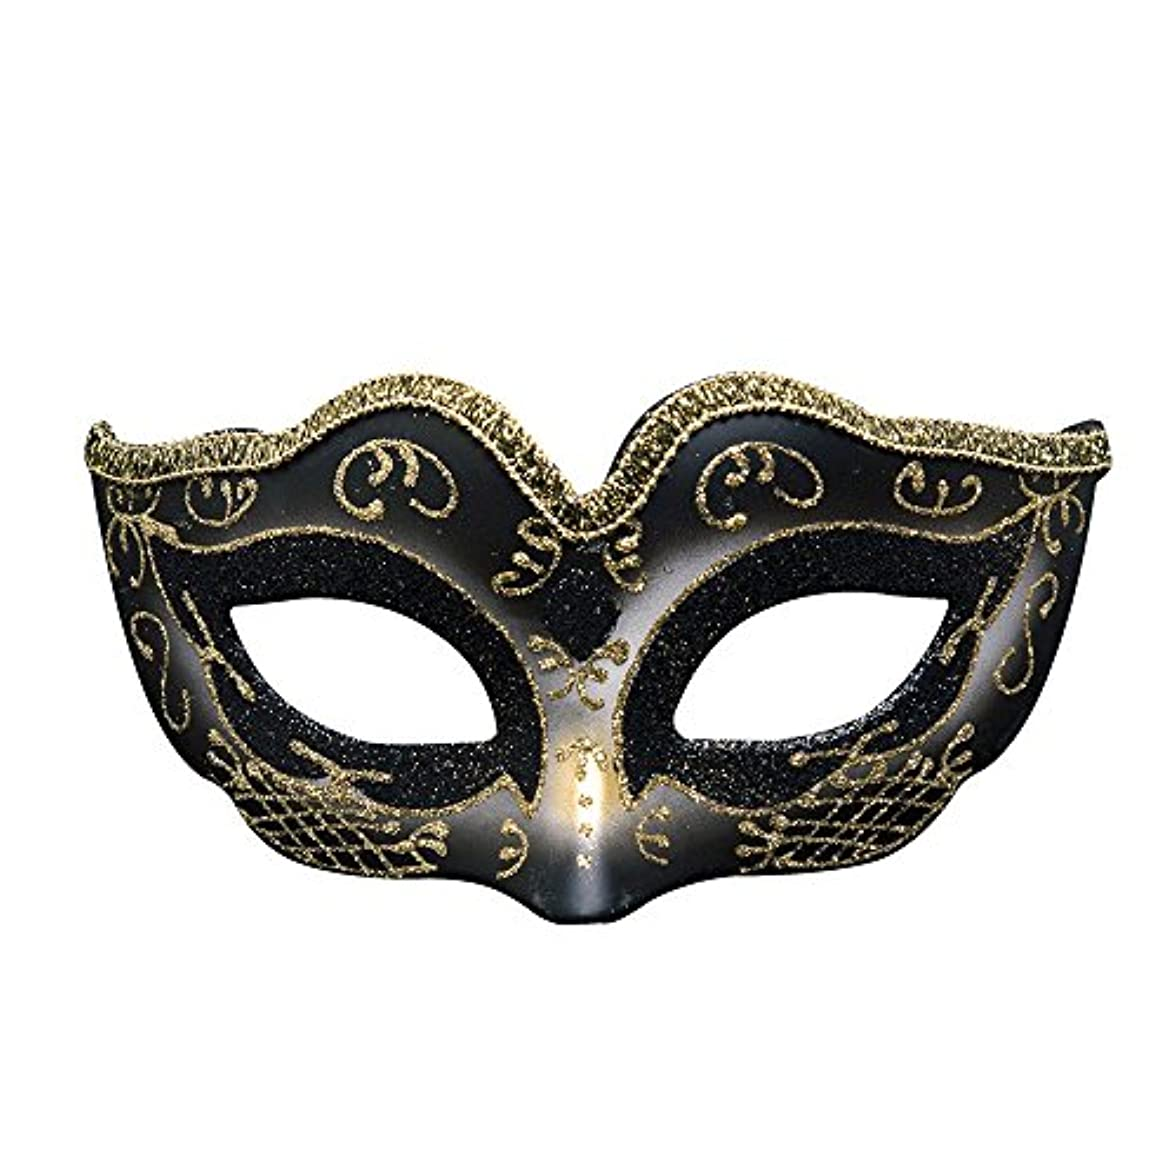 長老横呼吸するクリエイティブカスタム子供のなりすましパーティーハロウィーンマスククリスマス雰囲気マスク (Color : E)